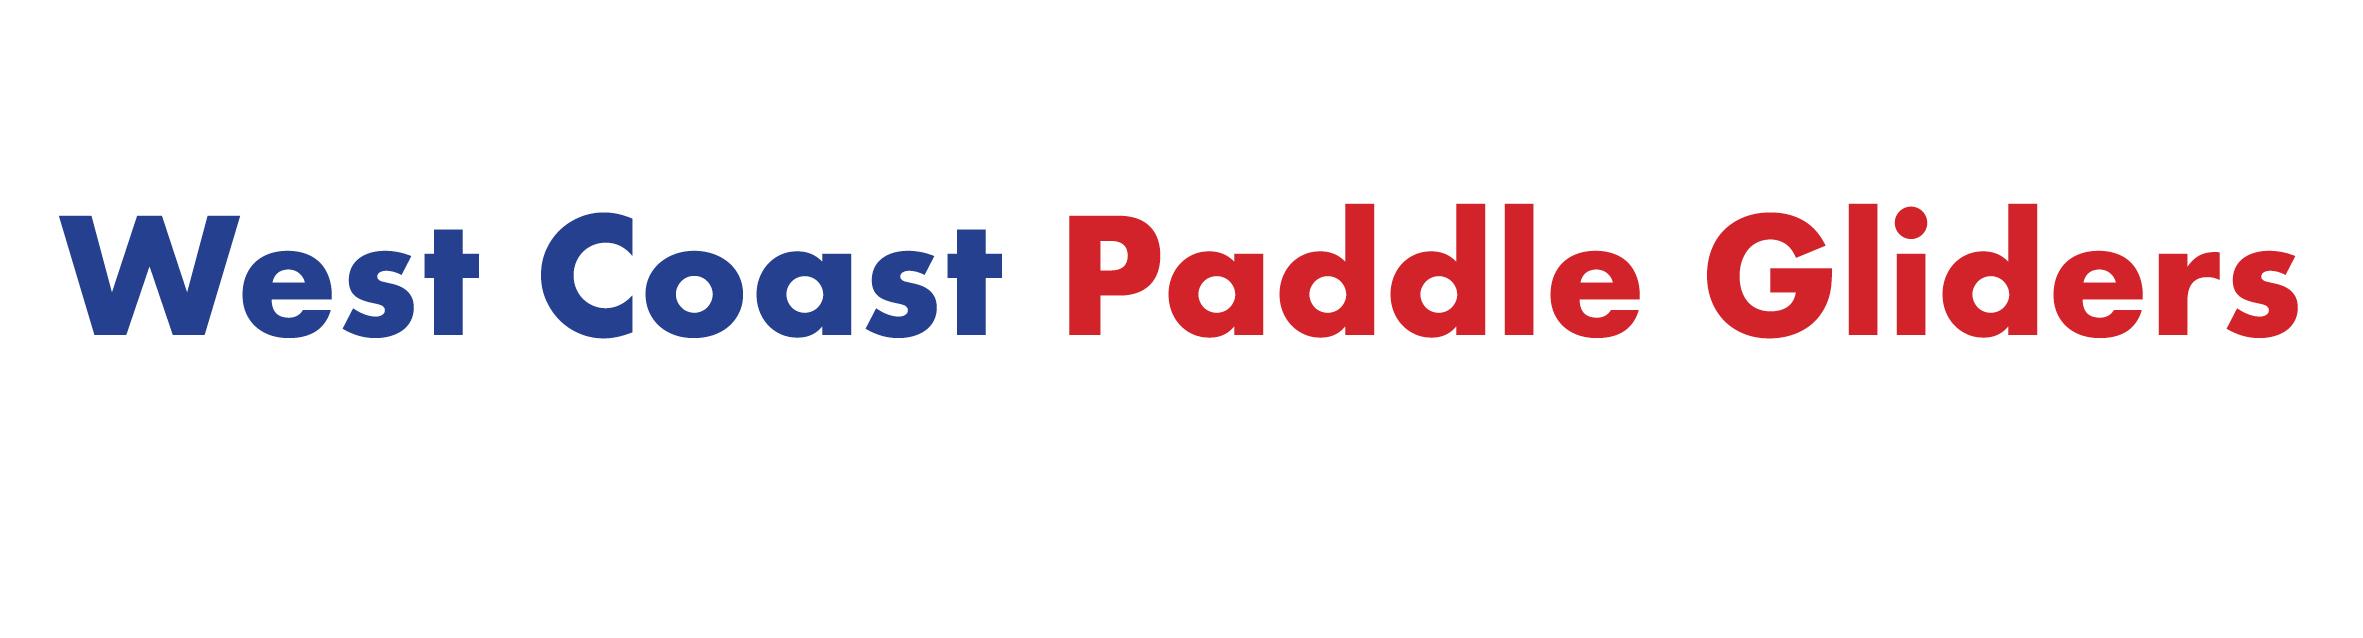 West Coast Paddle Gliders.jpg